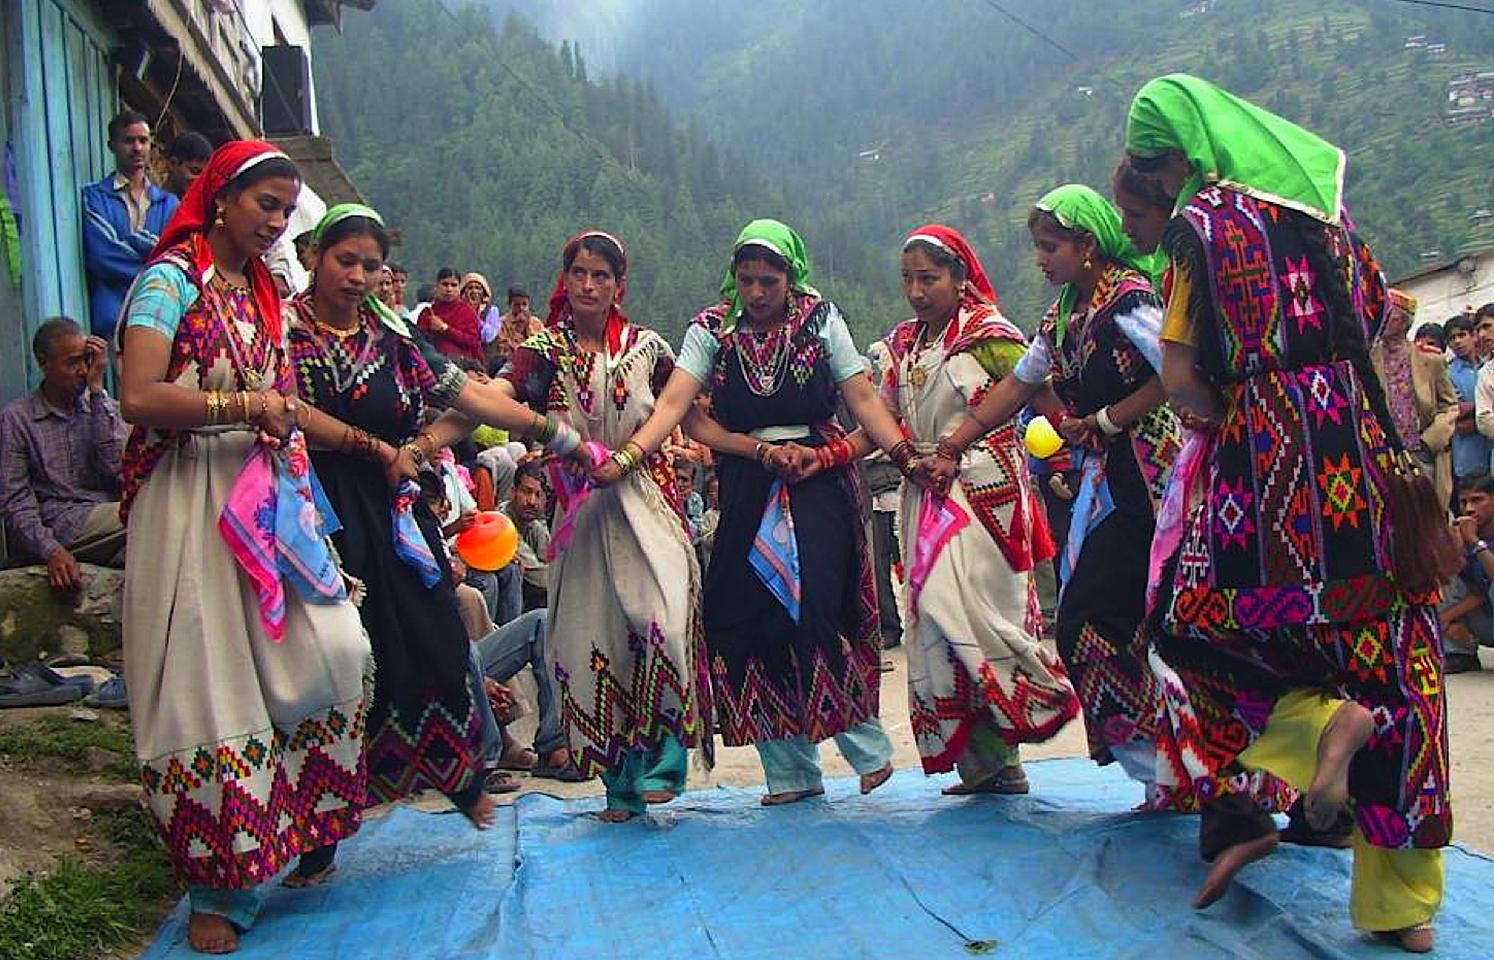 women dancing.png